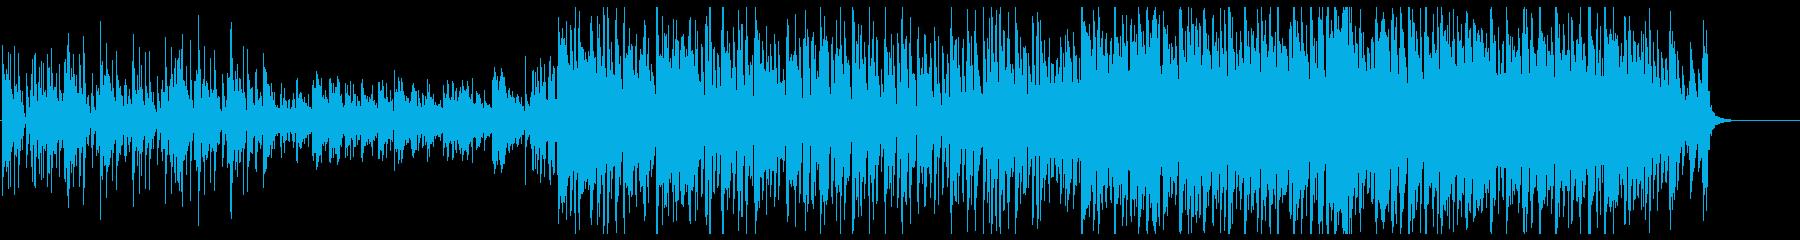 可愛い感じの曲ですの再生済みの波形